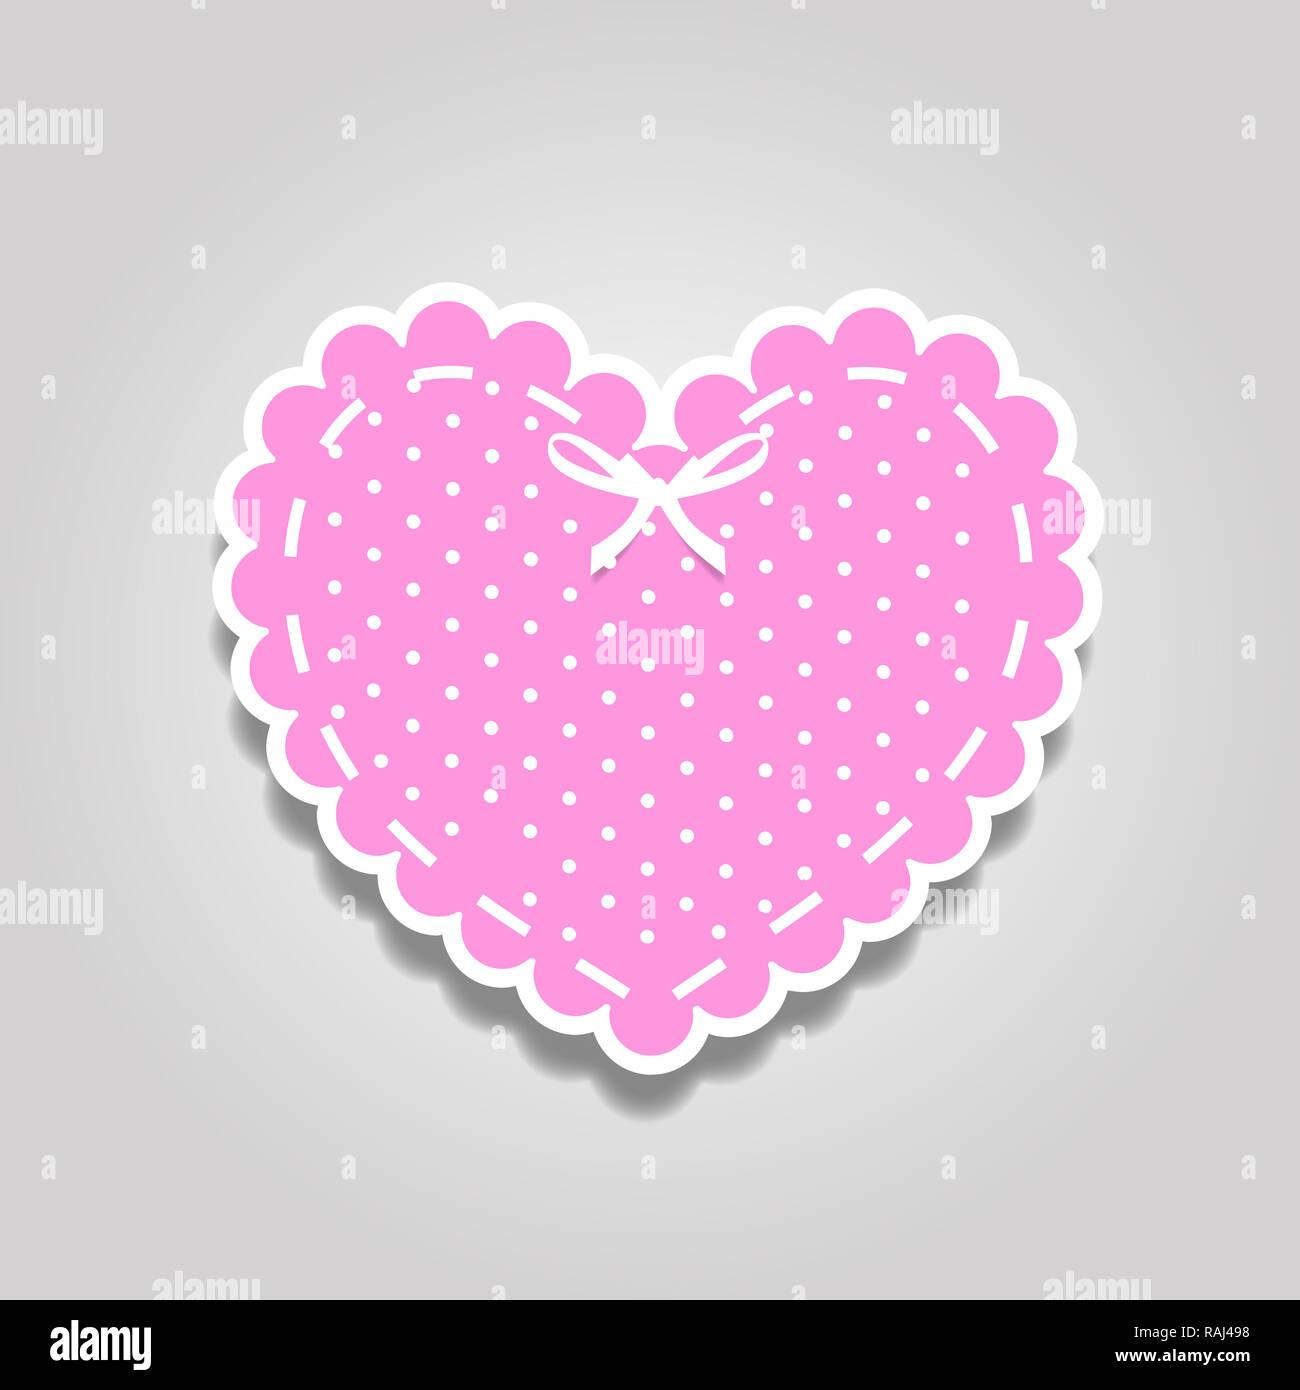 Rose et blanc coupe papier autocollant coeur dentelle avec motif à pois et ruban. Coeur stamp pour douche de fille de bébé, de mariage ou de Saint-Valentin desi scrapbook Photo Stock